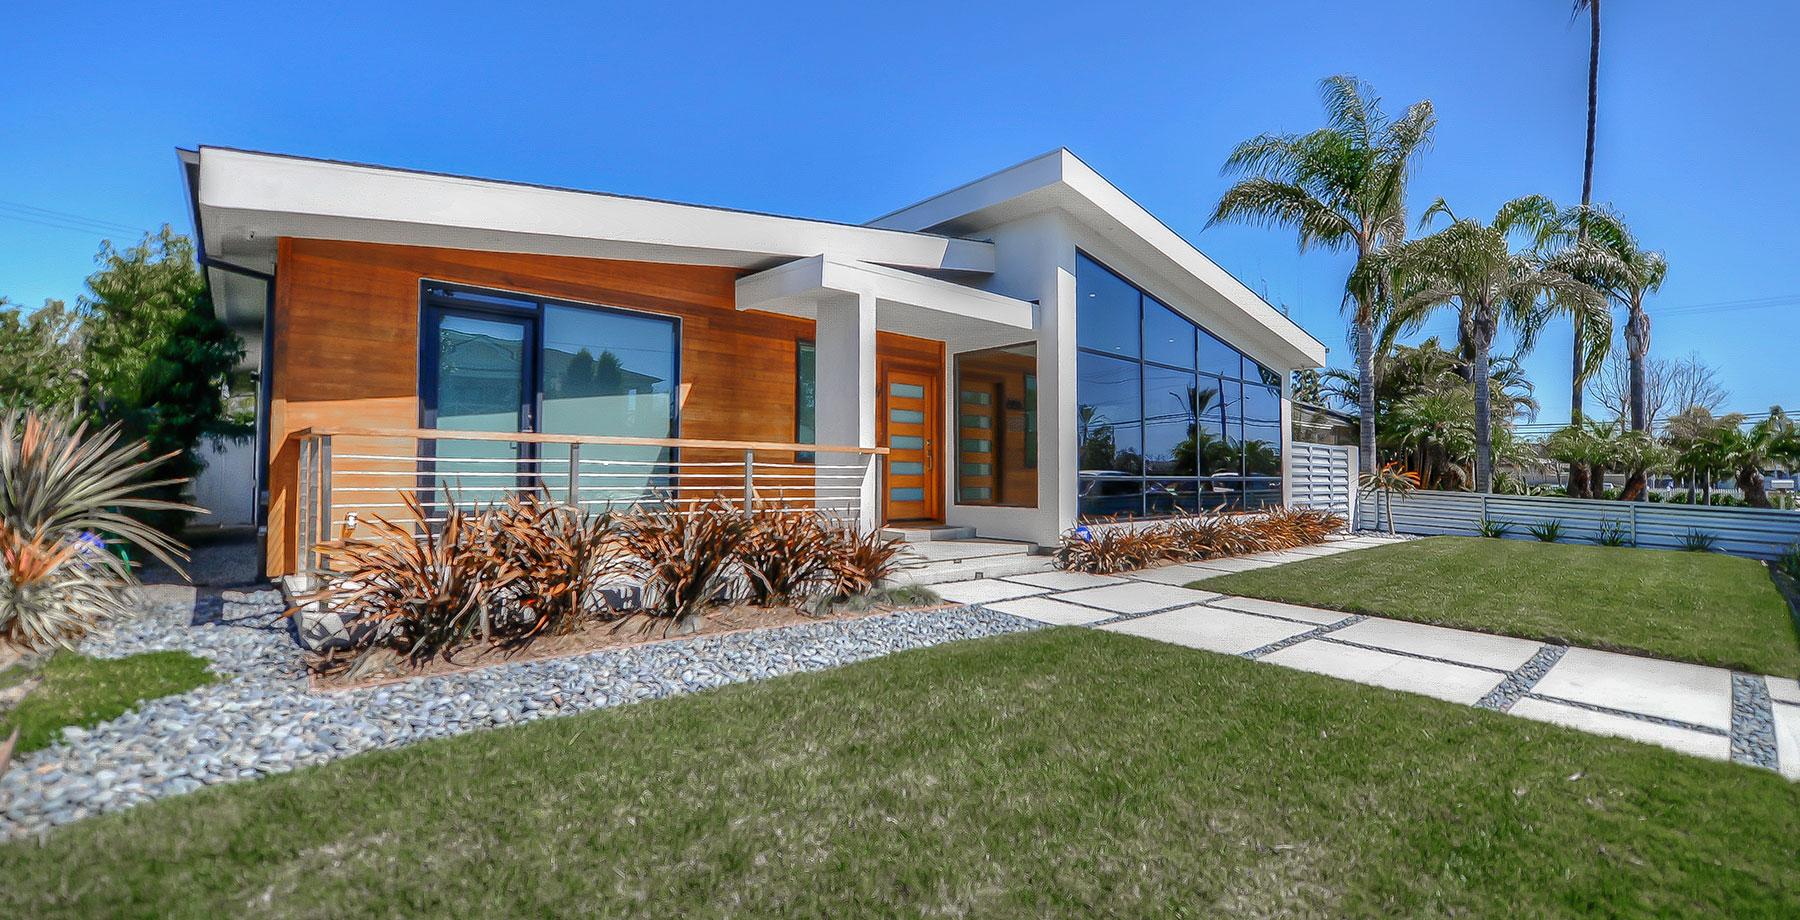 Maison unifamiliale pour l Vente à 486 Broadway Costa Mesa, Californie, 92627 États-Unis